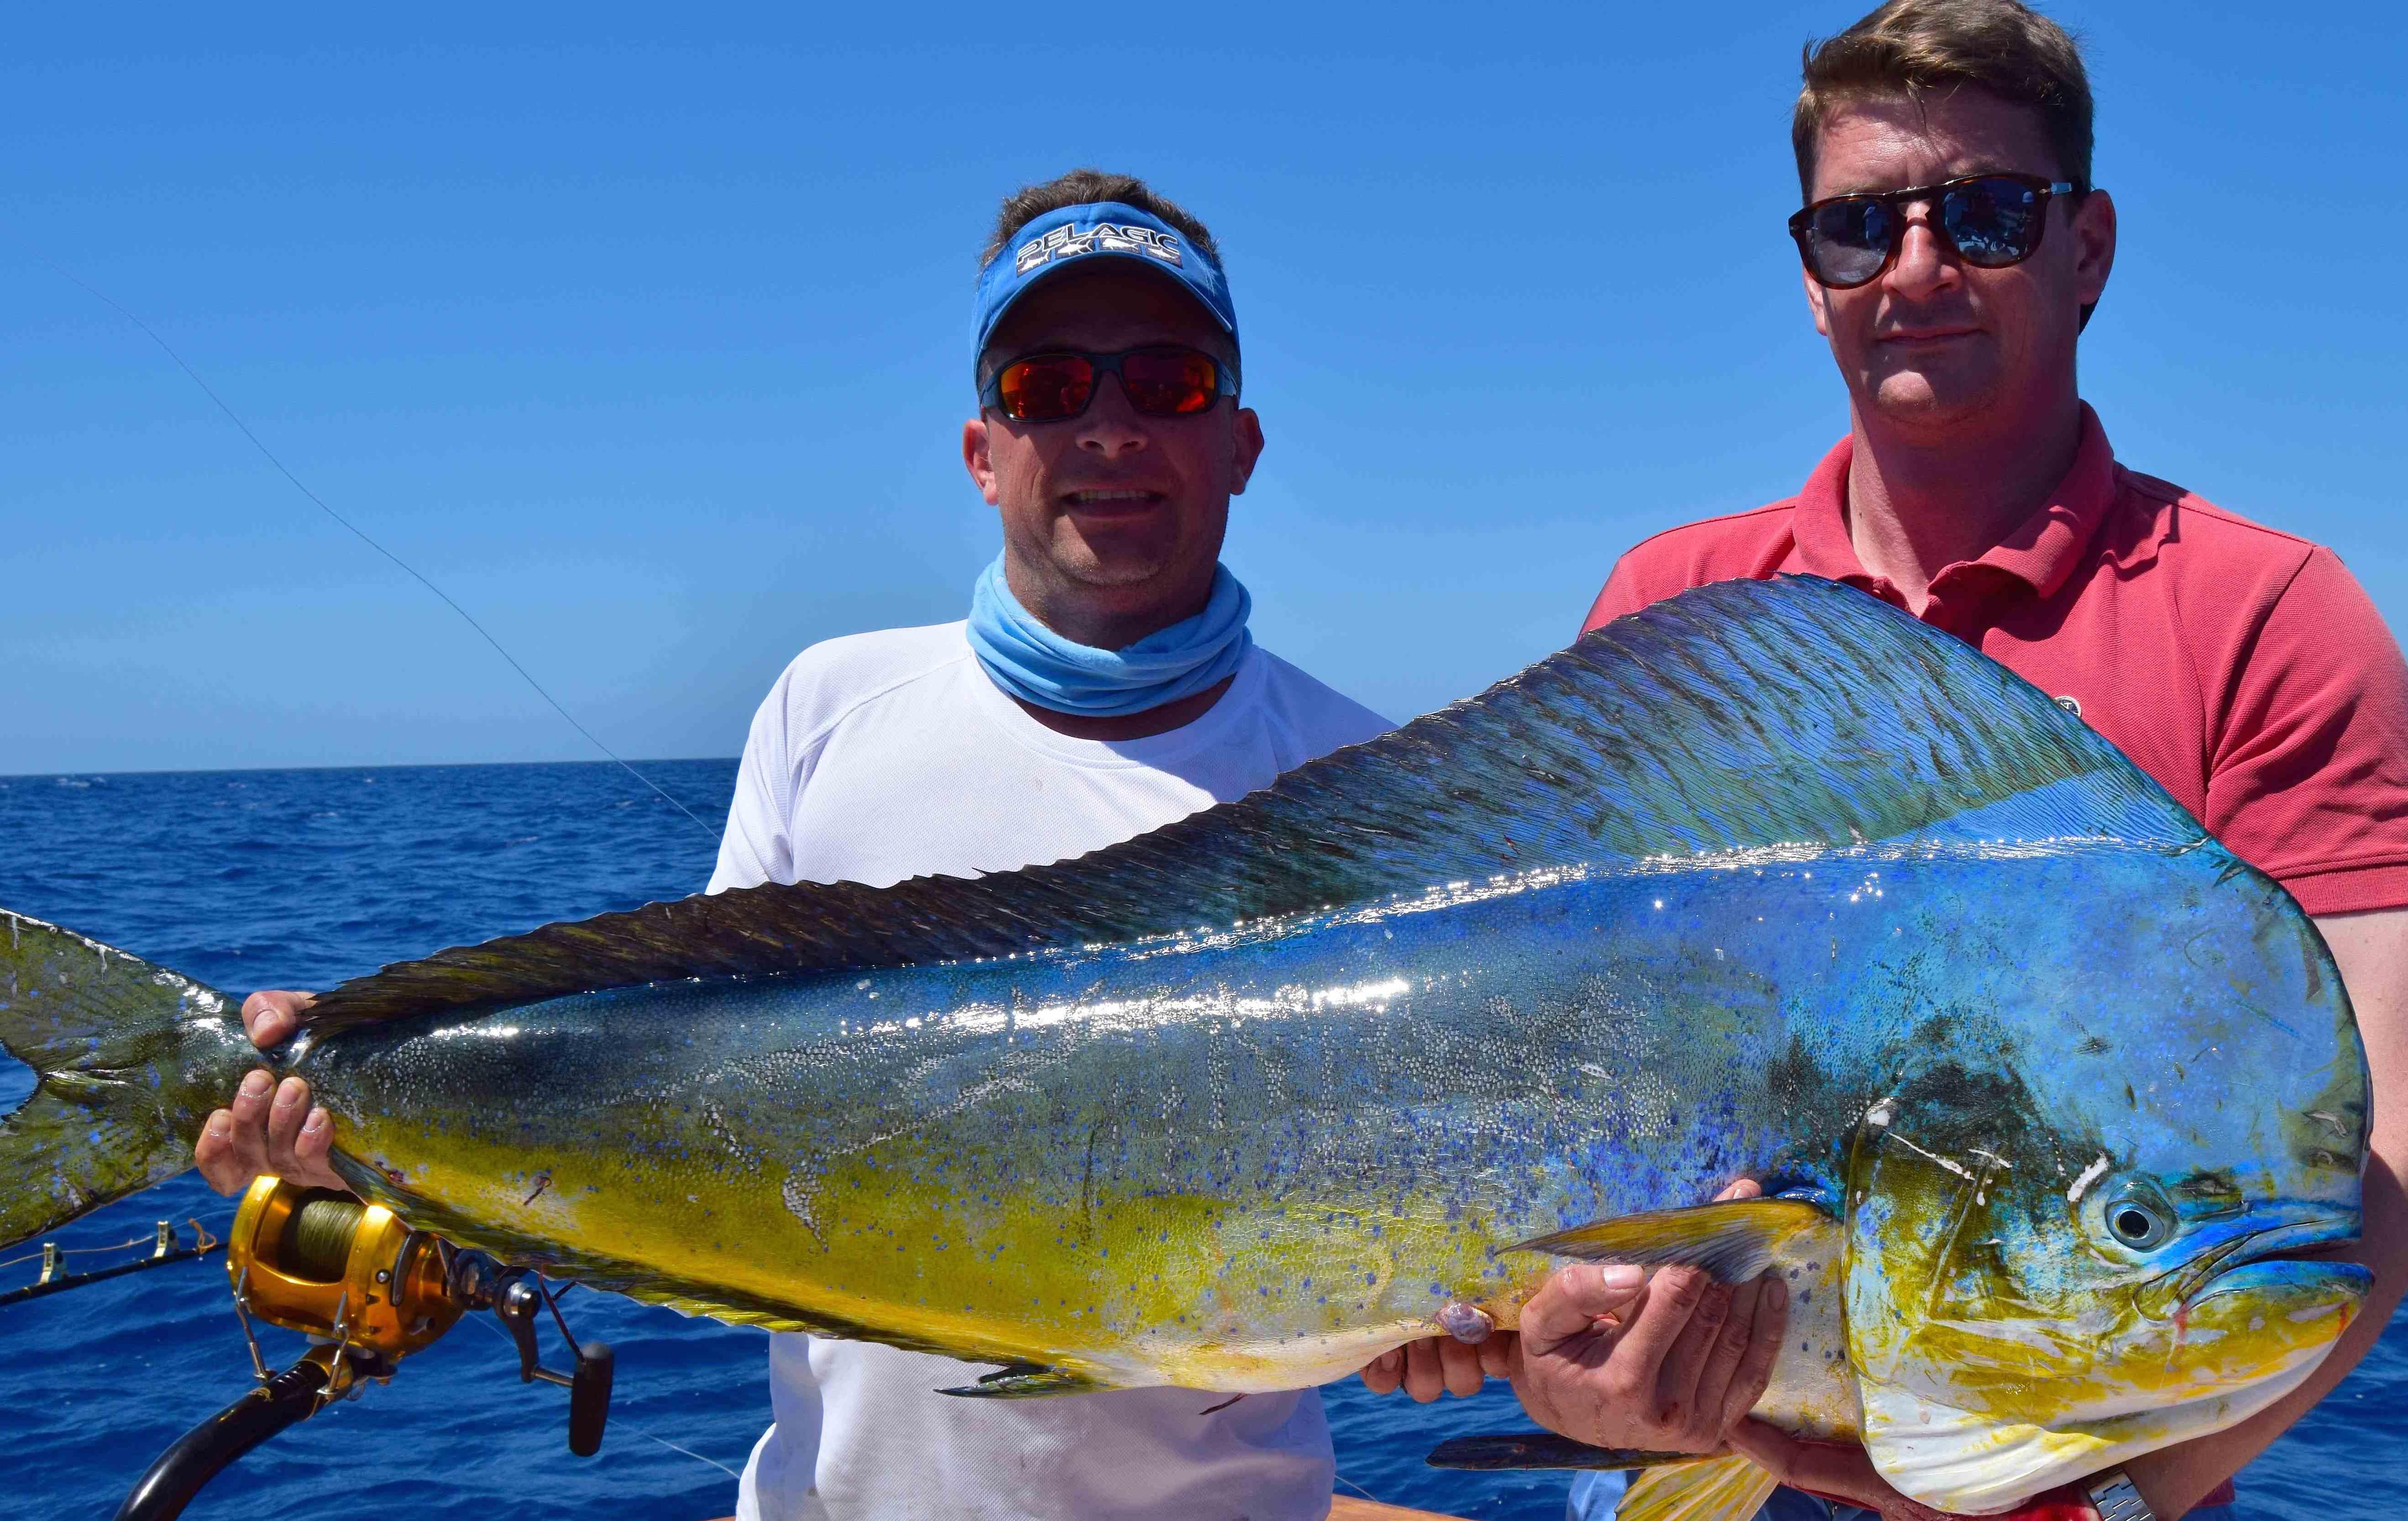 Diese große Goldmakrle wurde gerade im Mittelmeer gefangen! Skipper Michael Standor (links) freut sich mit Fänge Hans Ostmann über den Ausnahmefisch, der im Canal Ibiza Mallorca gefangen wurde.